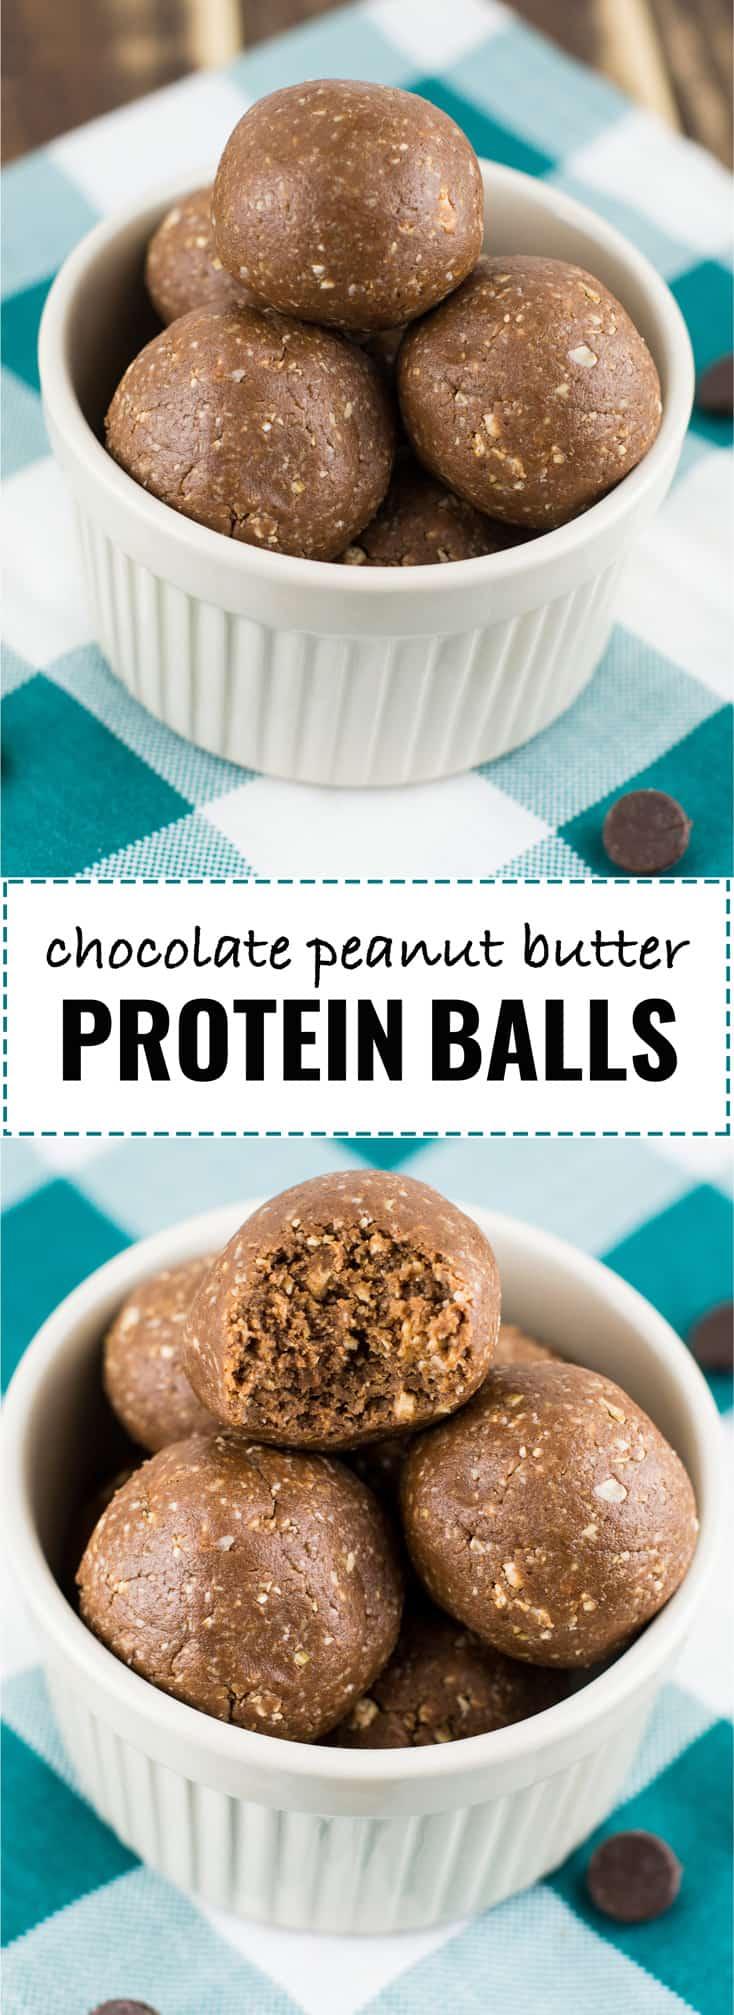 chocolate peanut butter protein balls #nobake #proteinballs #healthydessert